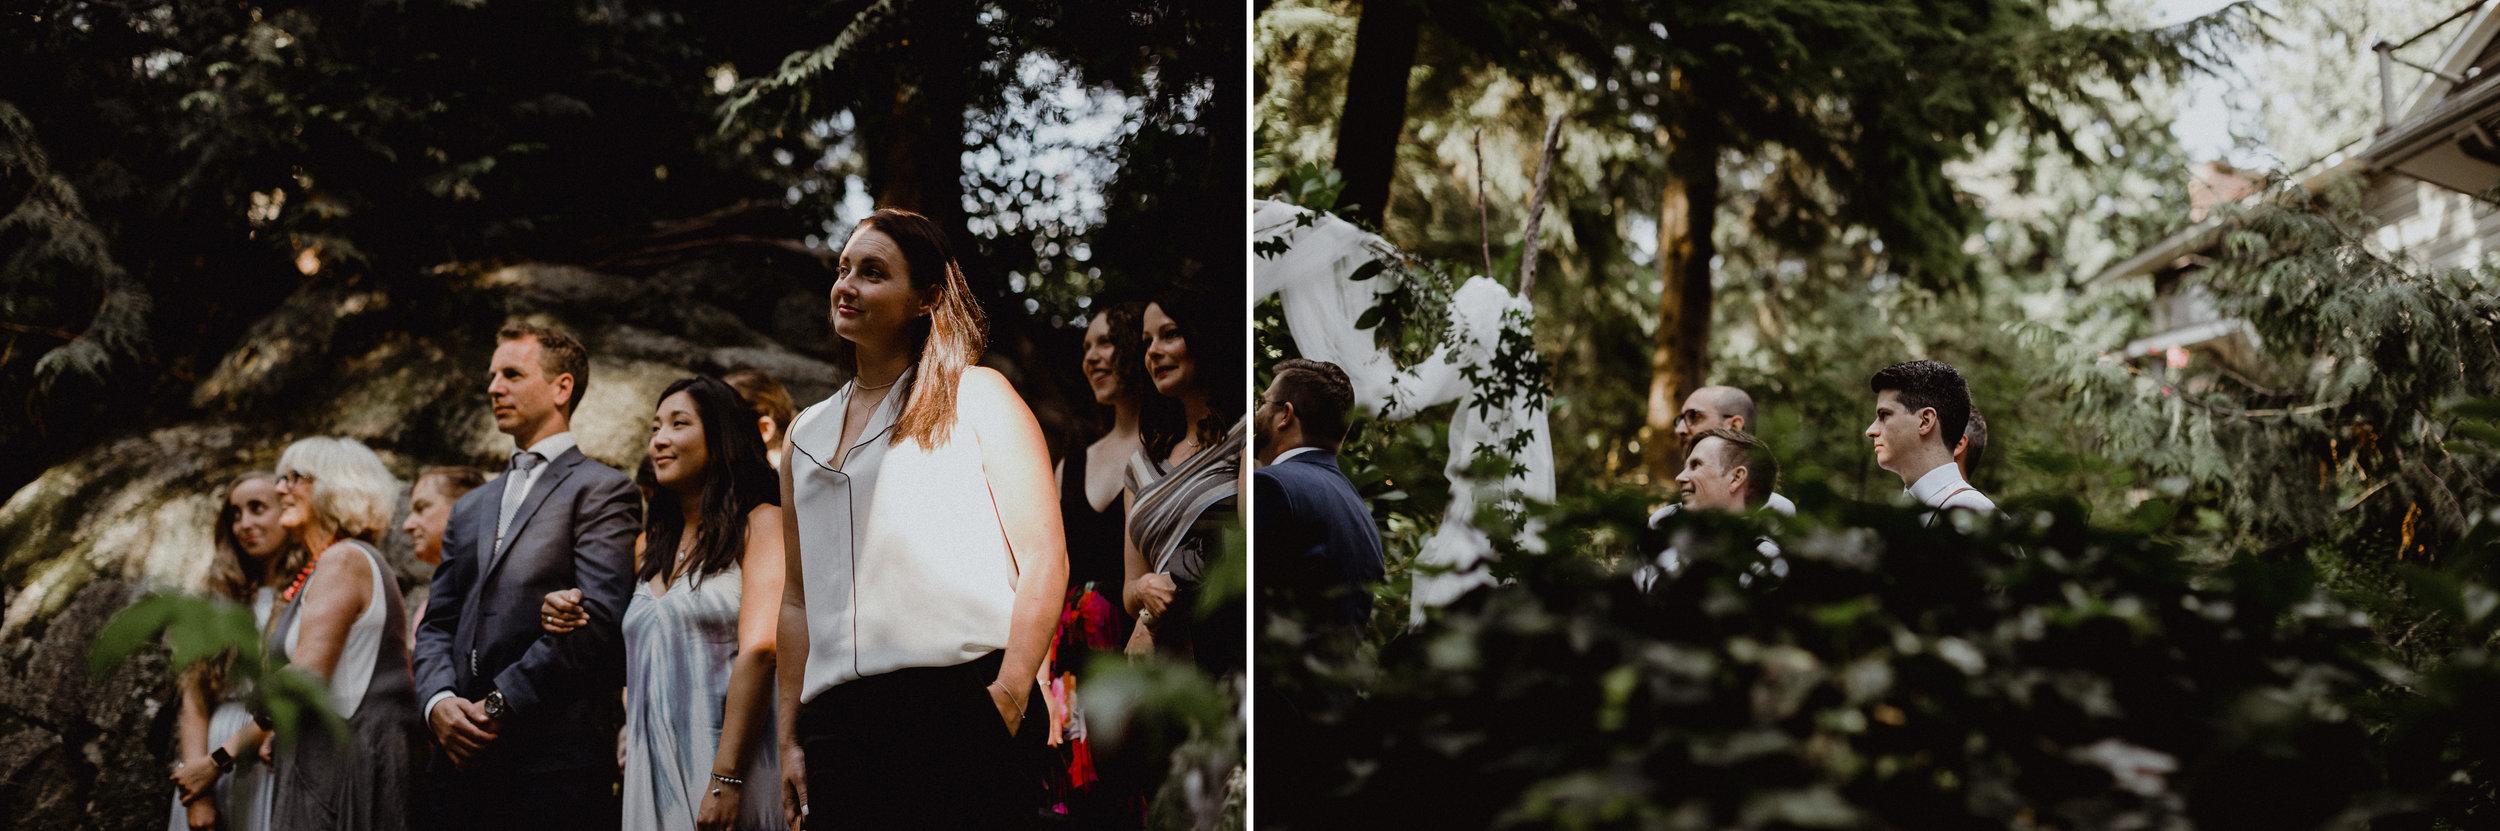 west-vancouver-backyard-wedding-110.jpg